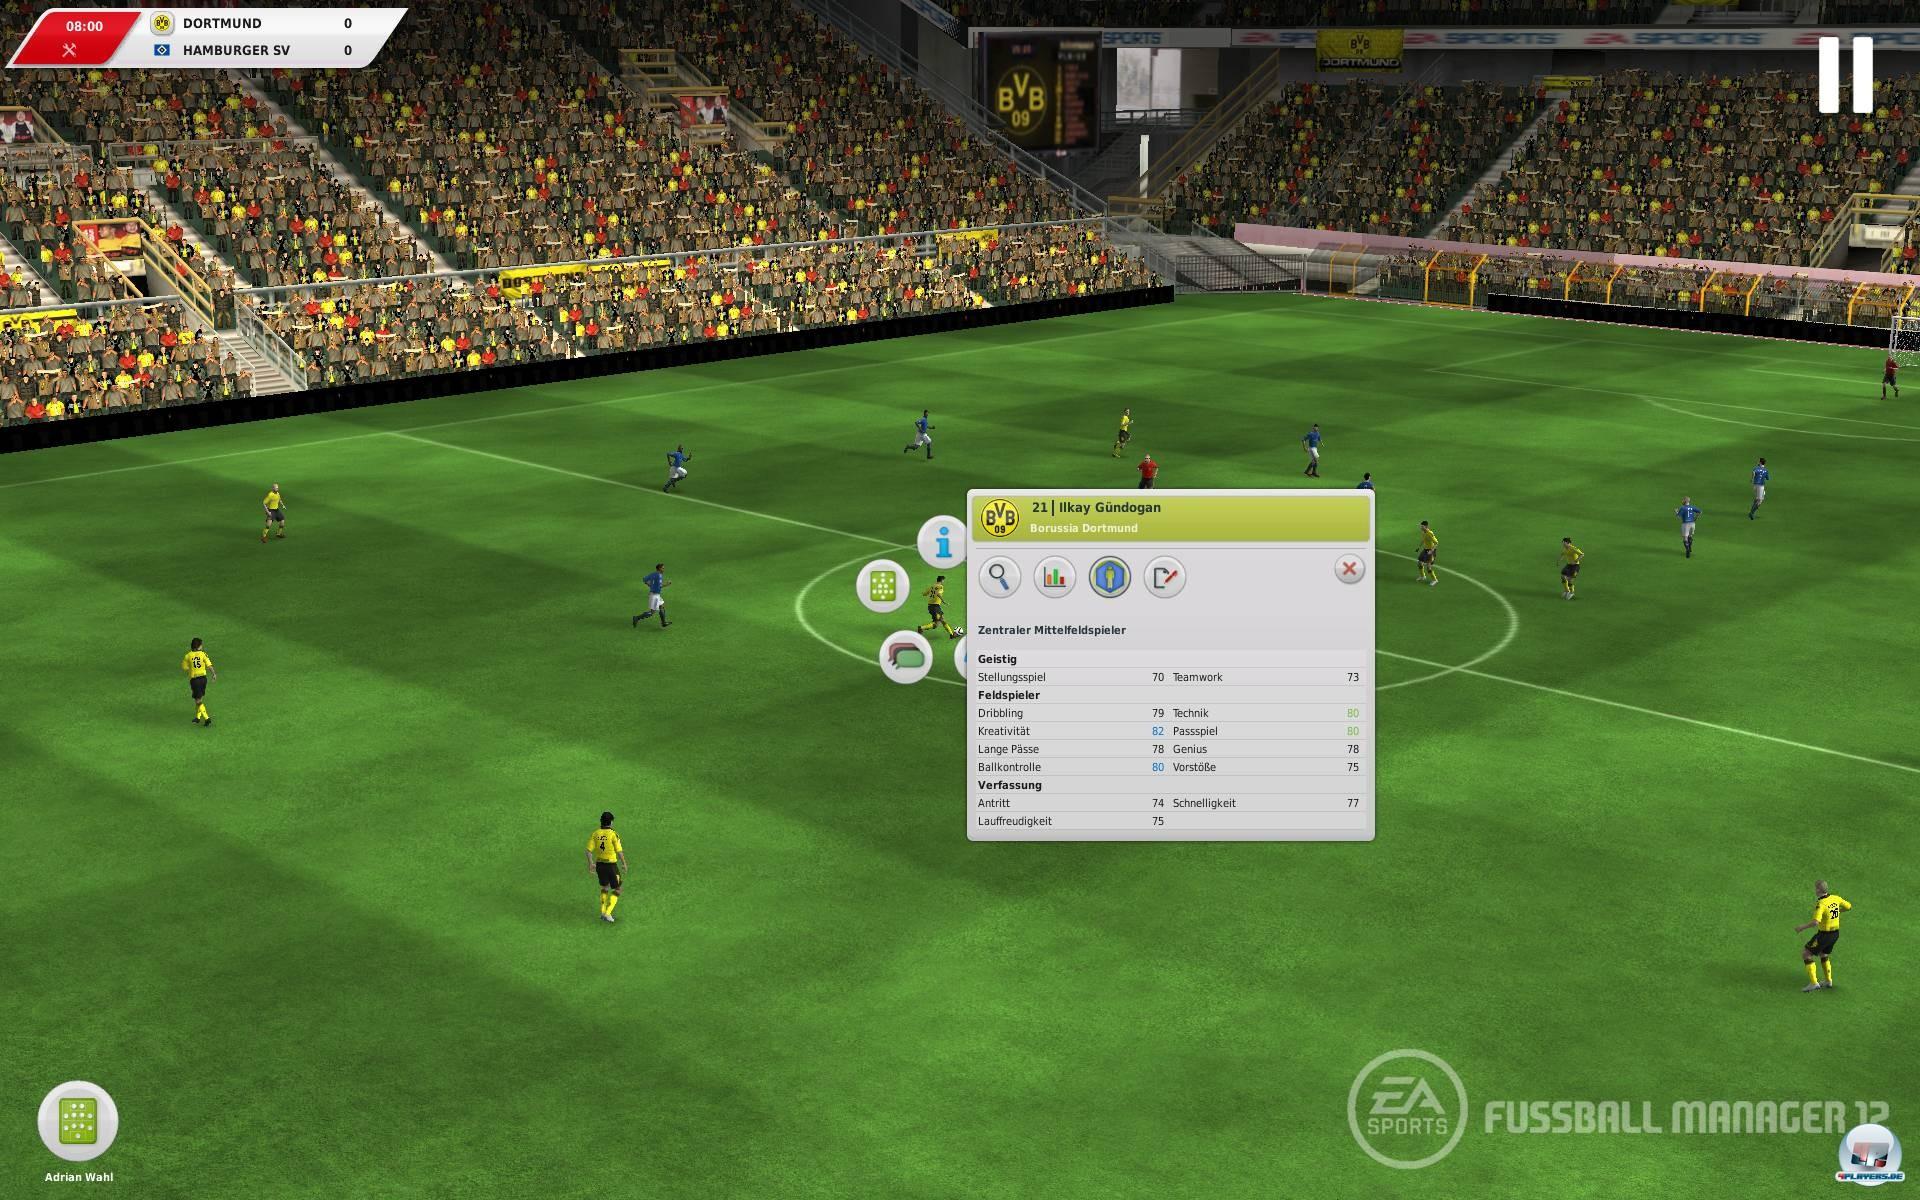 Das 3D-Match bietet nicht nur eine neue Logik und Dynamik, sondern vereinfachte M�glichkeiten, die Mannschaft zu lenken.